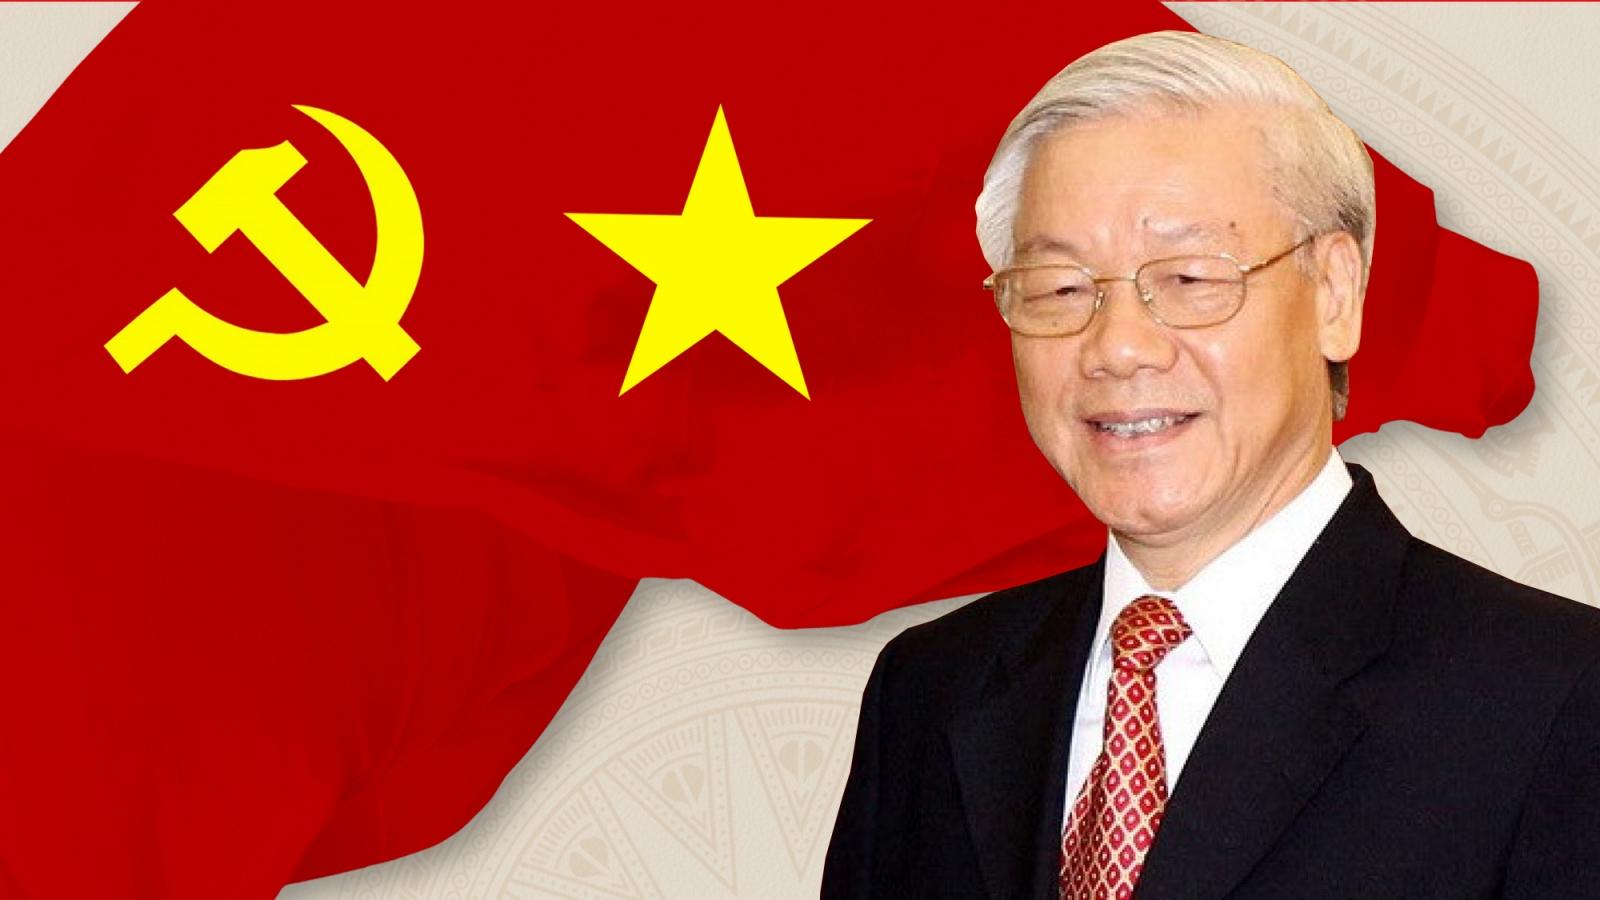 Quá trình công tác của Tổng Bí thư, Chủ tịch nước Nguyễn Phú Trọng